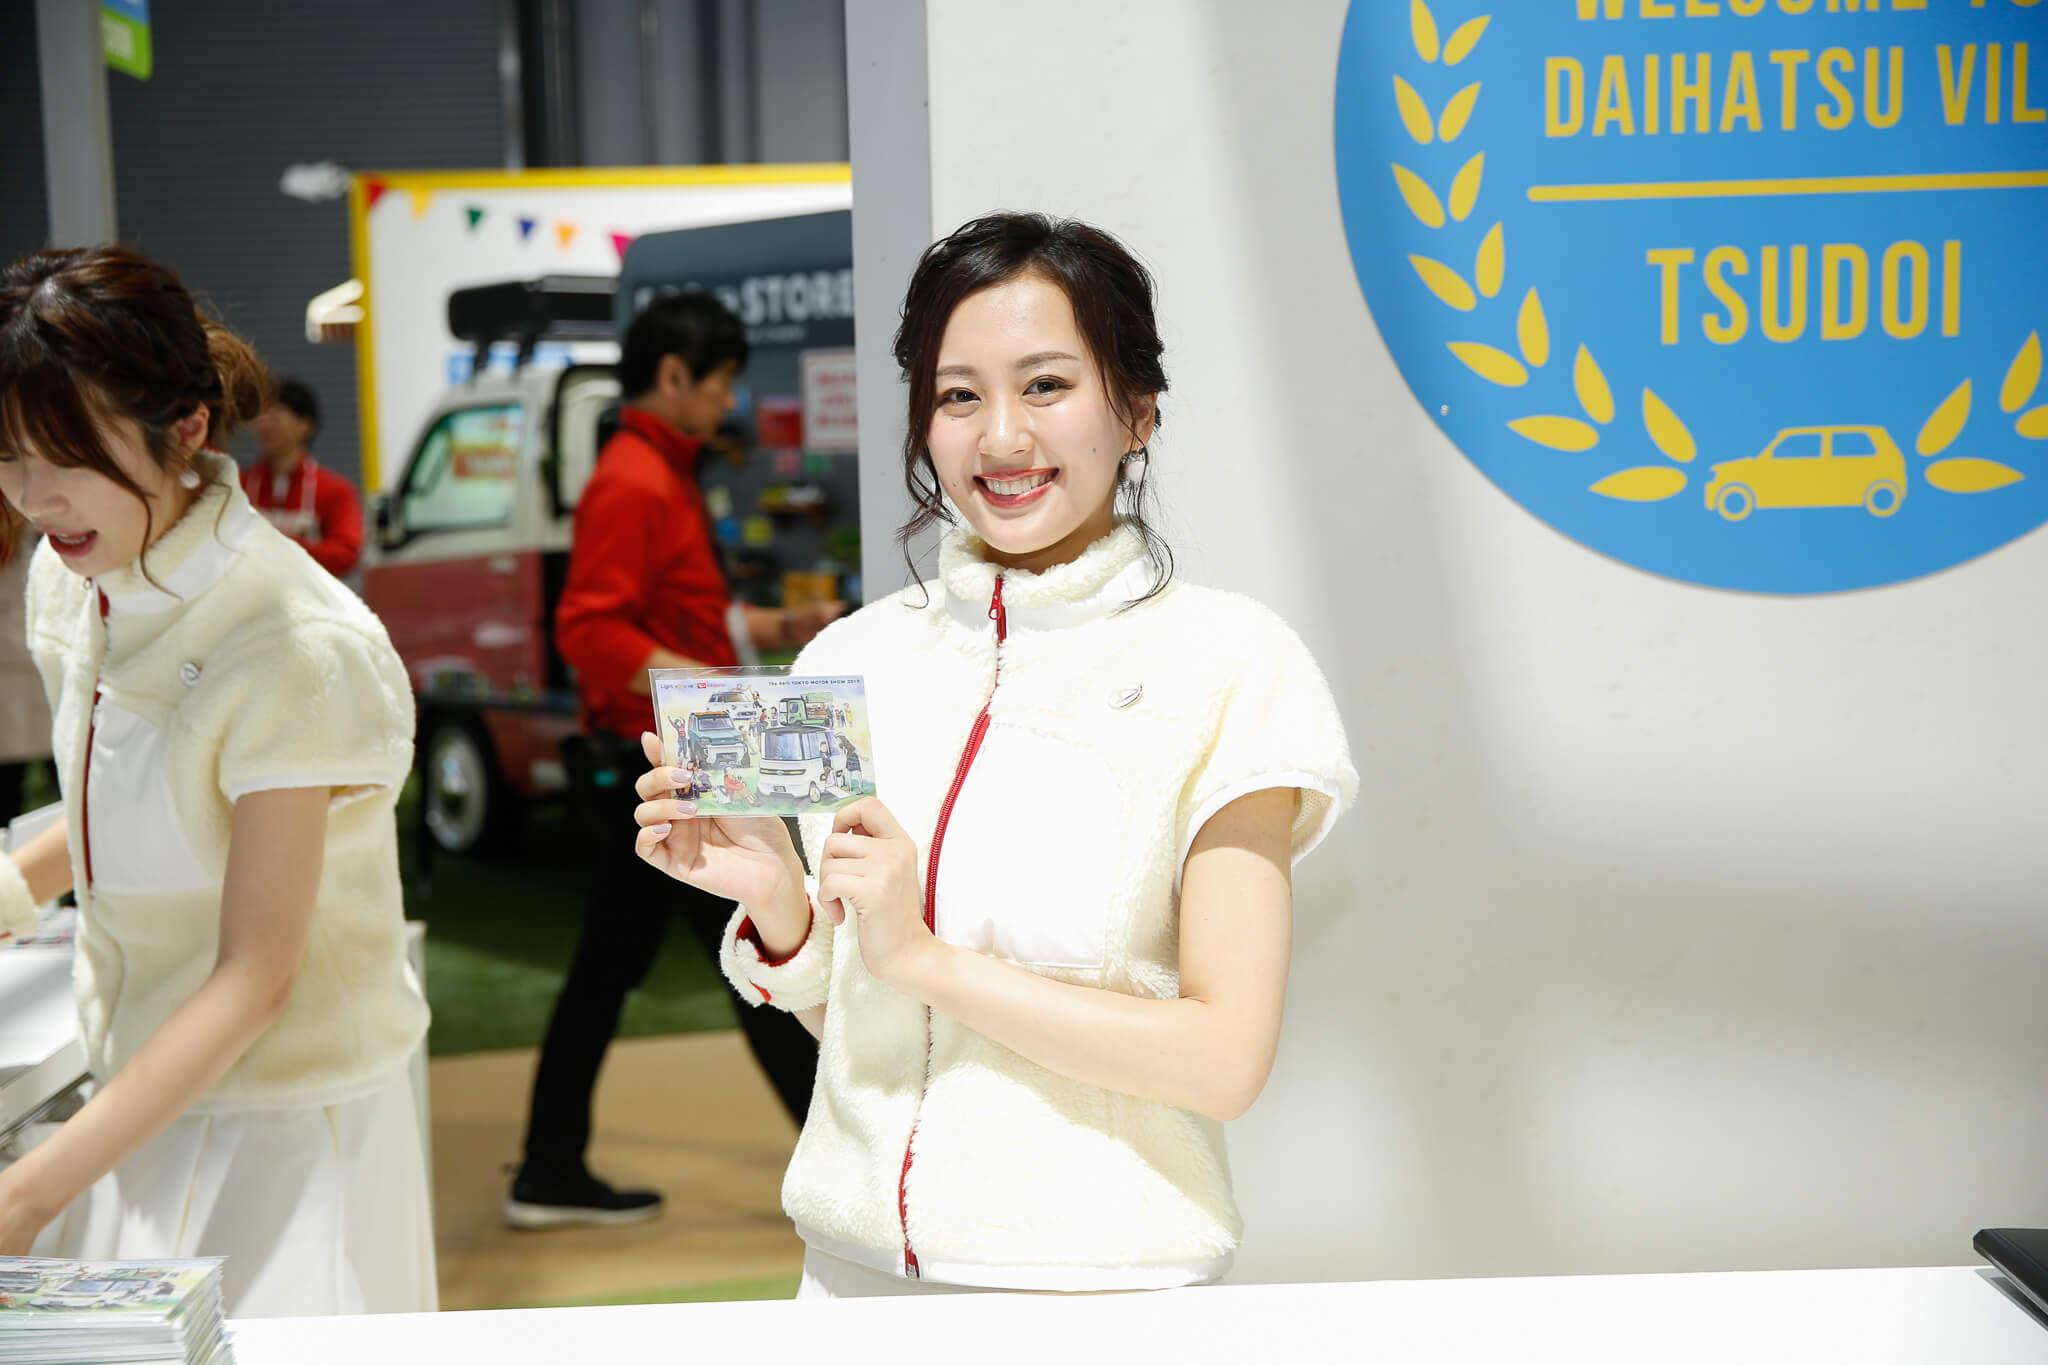 ダイハツ 東京モーターショー2019 コンパニオン